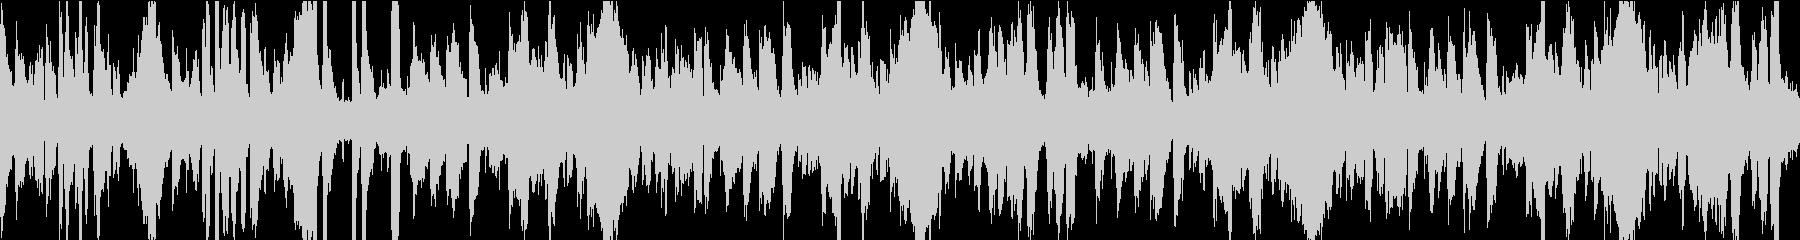 13秒でサビ、おだやか/静めループの未再生の波形